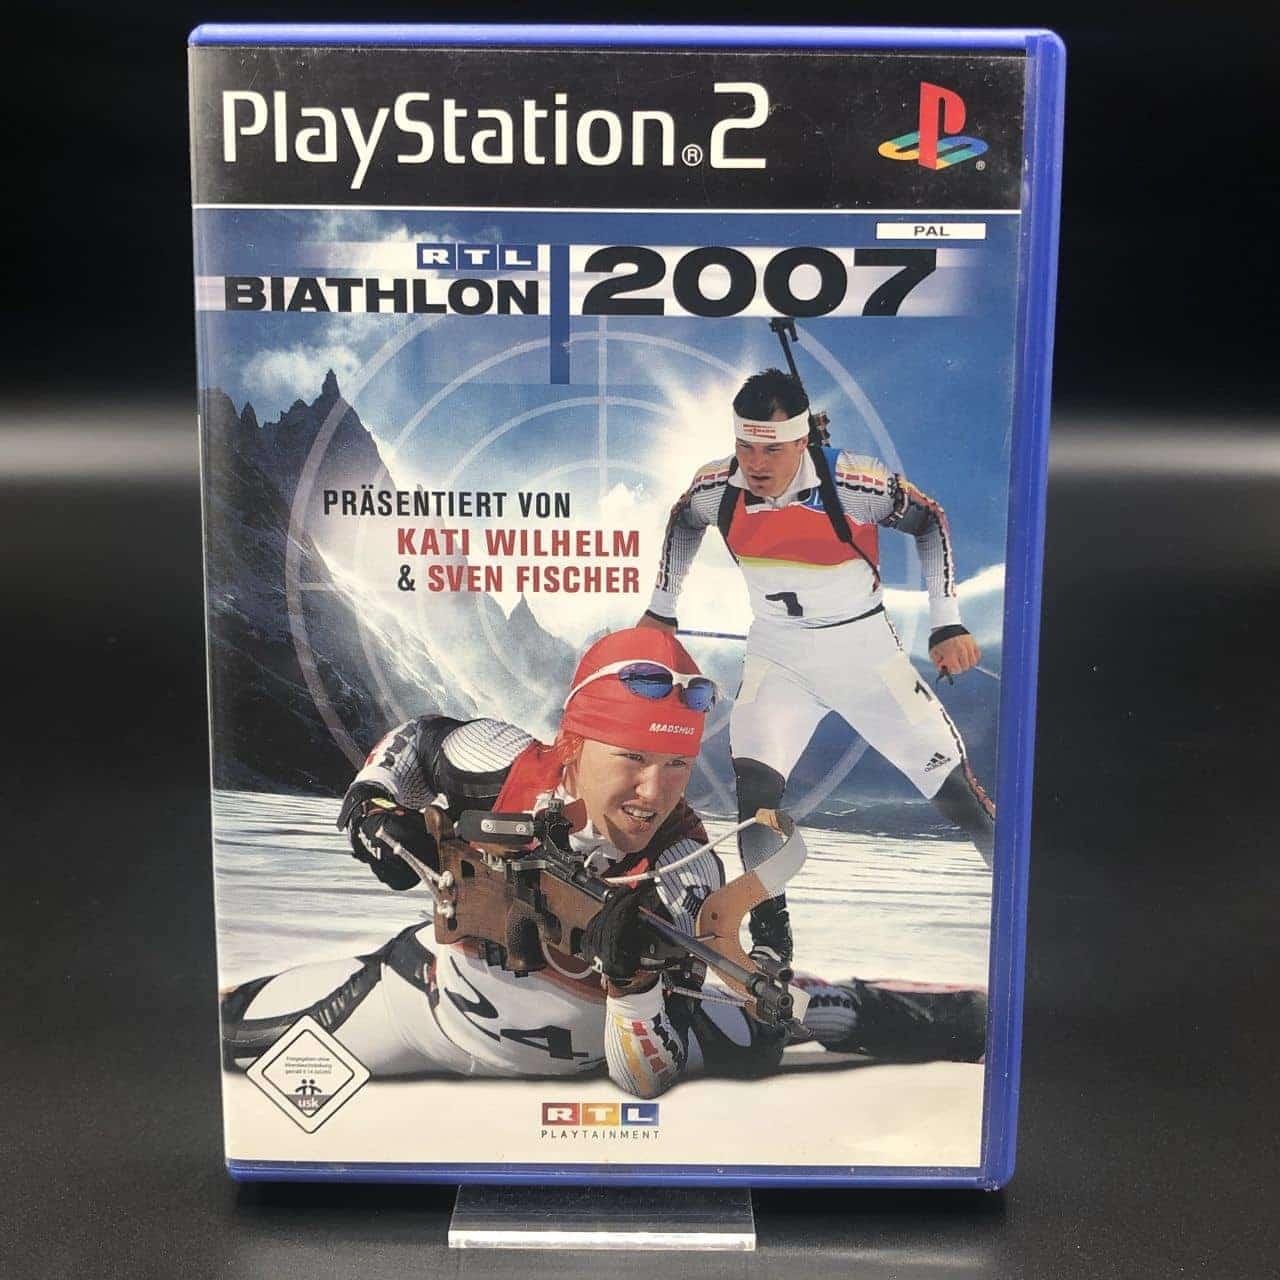 PS2 RTL Biathlon 2007 (Komplett) (Sehr gut) Sony PlayStation 2